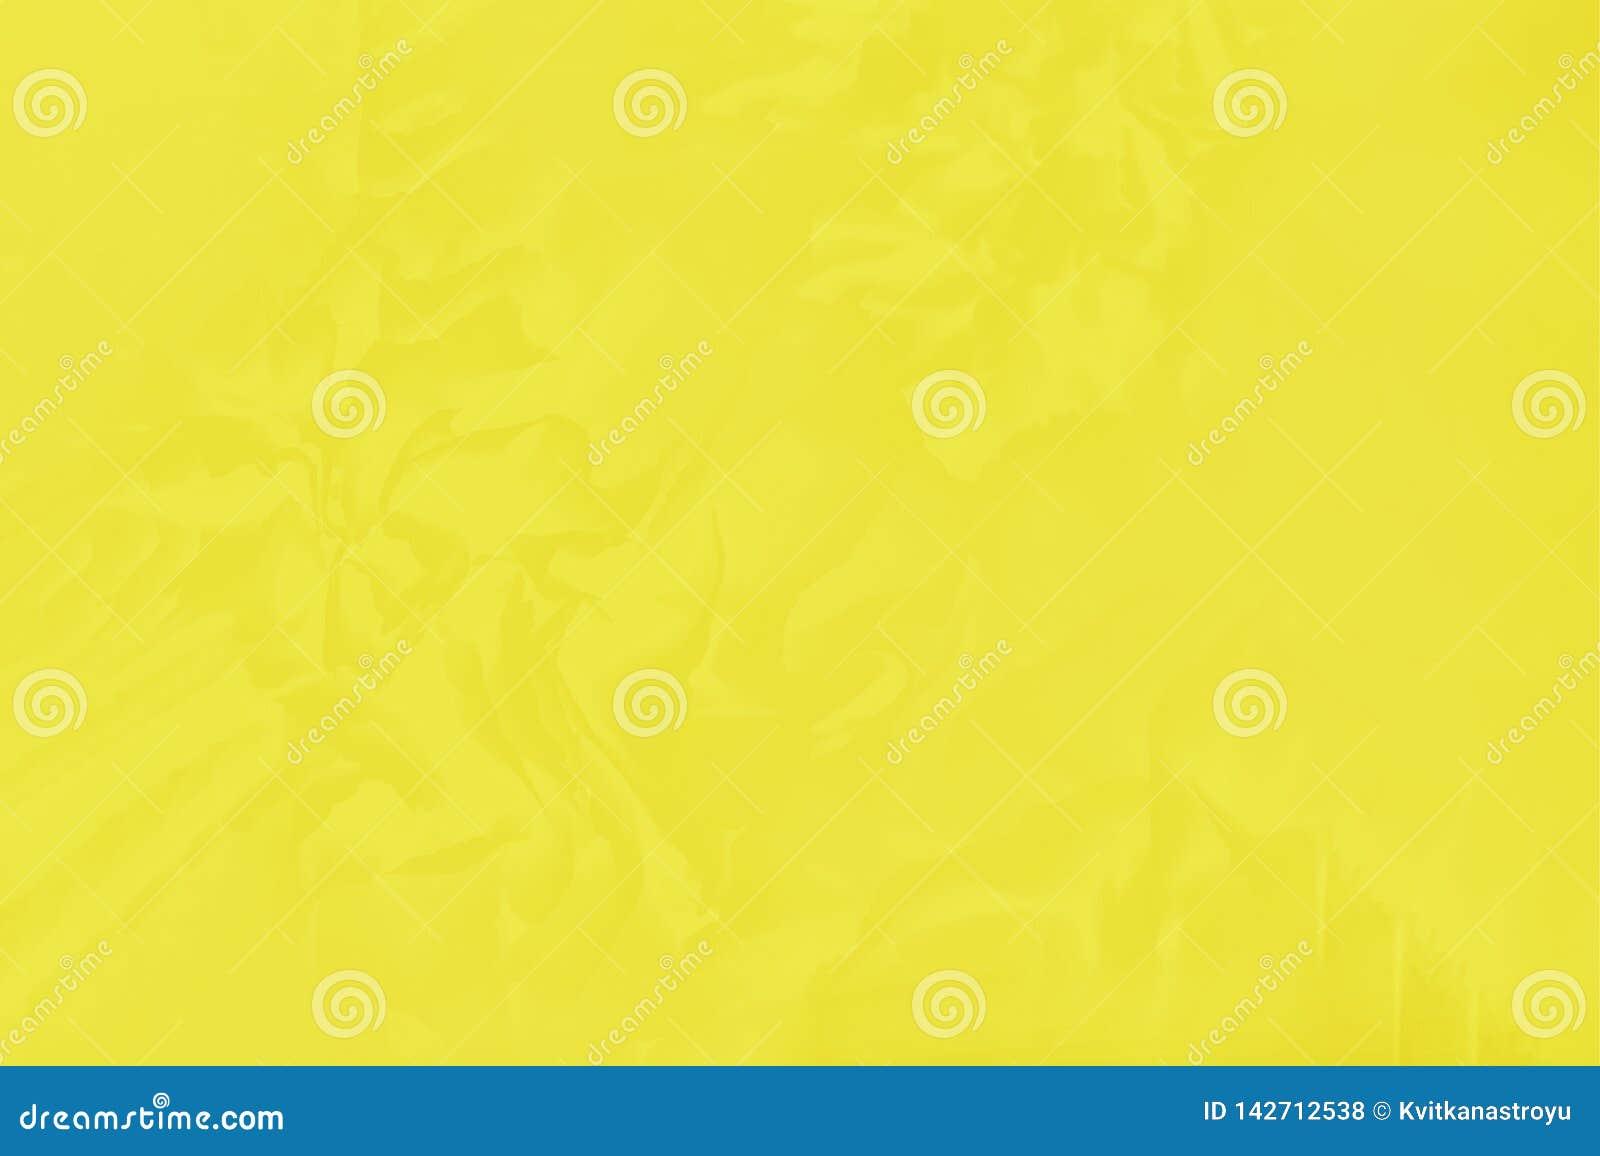 Mooie heldere gele kleur met een gevoelig bloemenpatroon